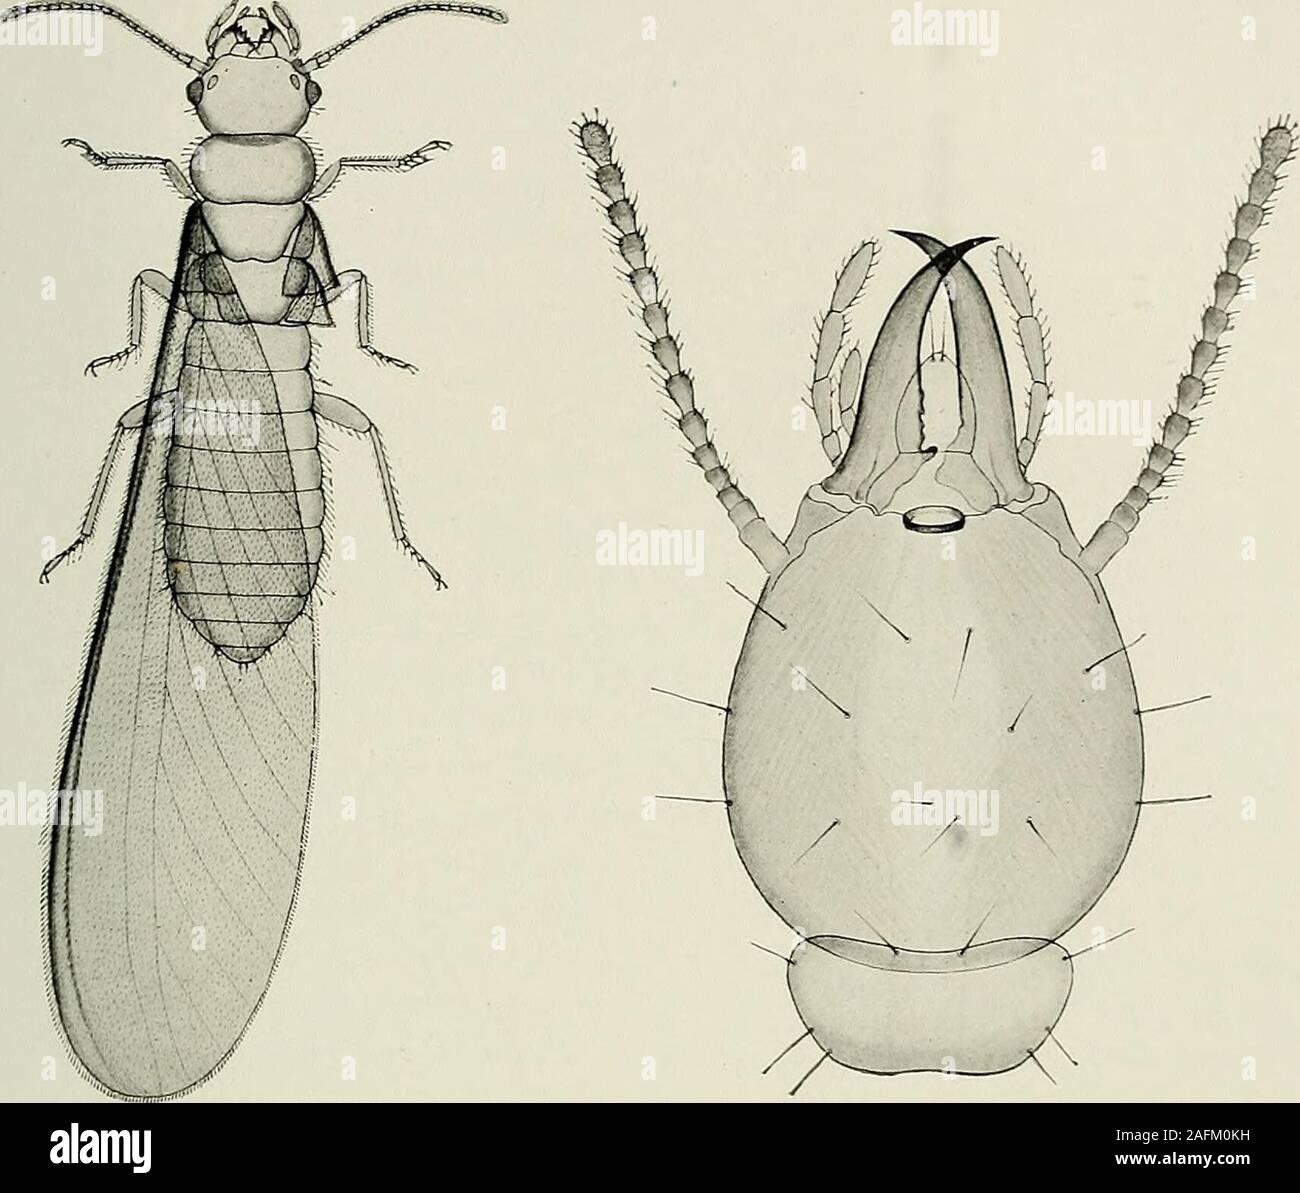 . Bulletin du Muséum national d'histoire naturelle. arbres situés à plusieursmètres de distance de lautre côté dun chemin. Voisins des précédents, les Arrhinotermes ont, eux aussi, un pore fron-tal et une poche glandulaire prolongée en arrière jusquau bout de labdo-men. Une espèce de ce genre (A. jlavus Bug.) a été découverte le 11 jan-vier 1910, au bord du lac dAmbalangoda, sous lécorce dun arbre mort.Dautres nids, renfermant des imagos, ont élé trouvés les années suivantesau bord du même lac, dans les tiges creuses du Panda-nus ceylonicus(grande Broméliacée aquatique) ou encore sous lécorce Stock Photo